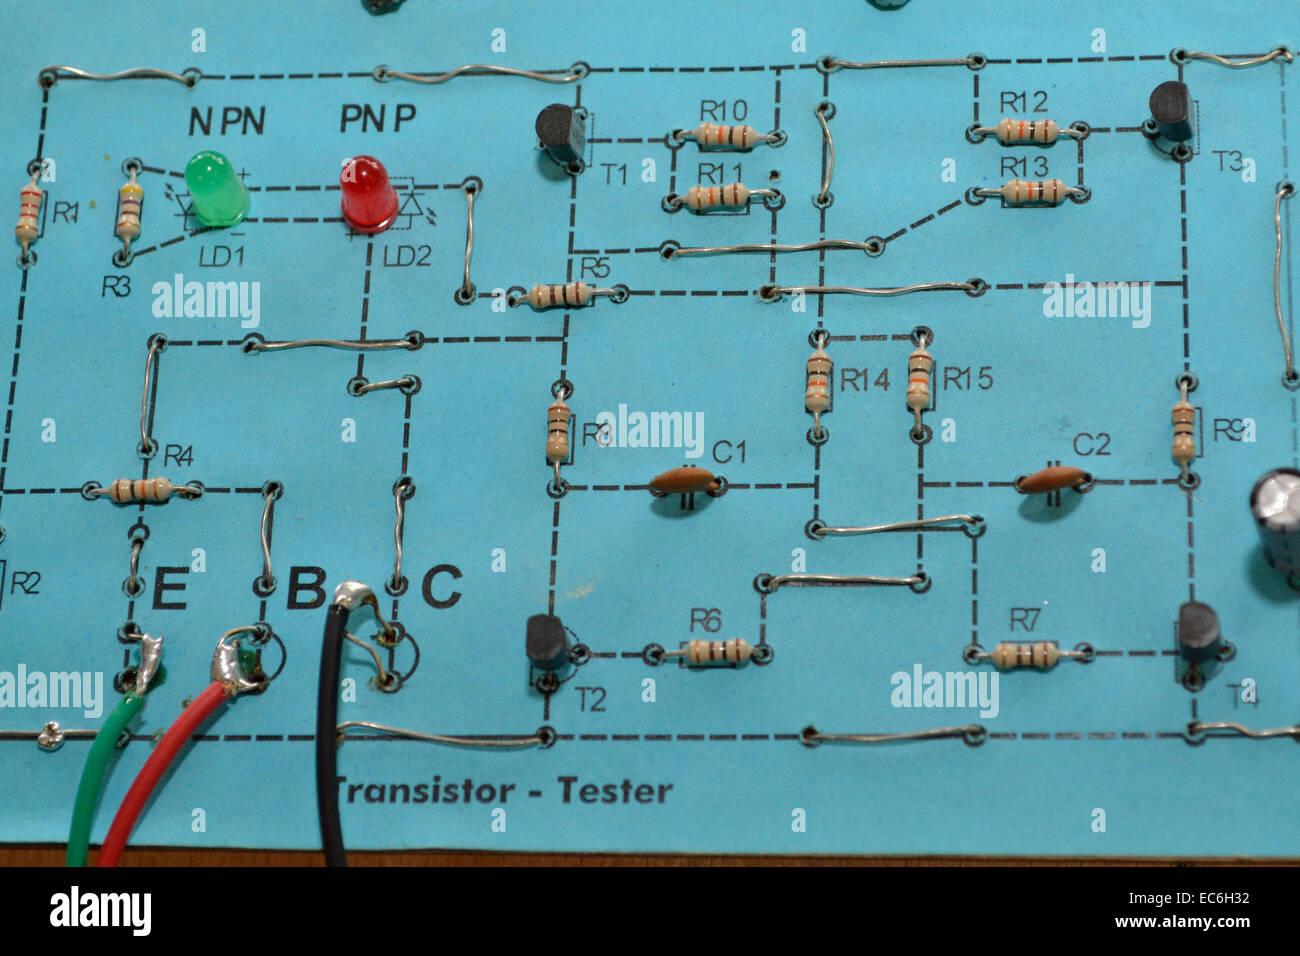 resistor block - Stock Image